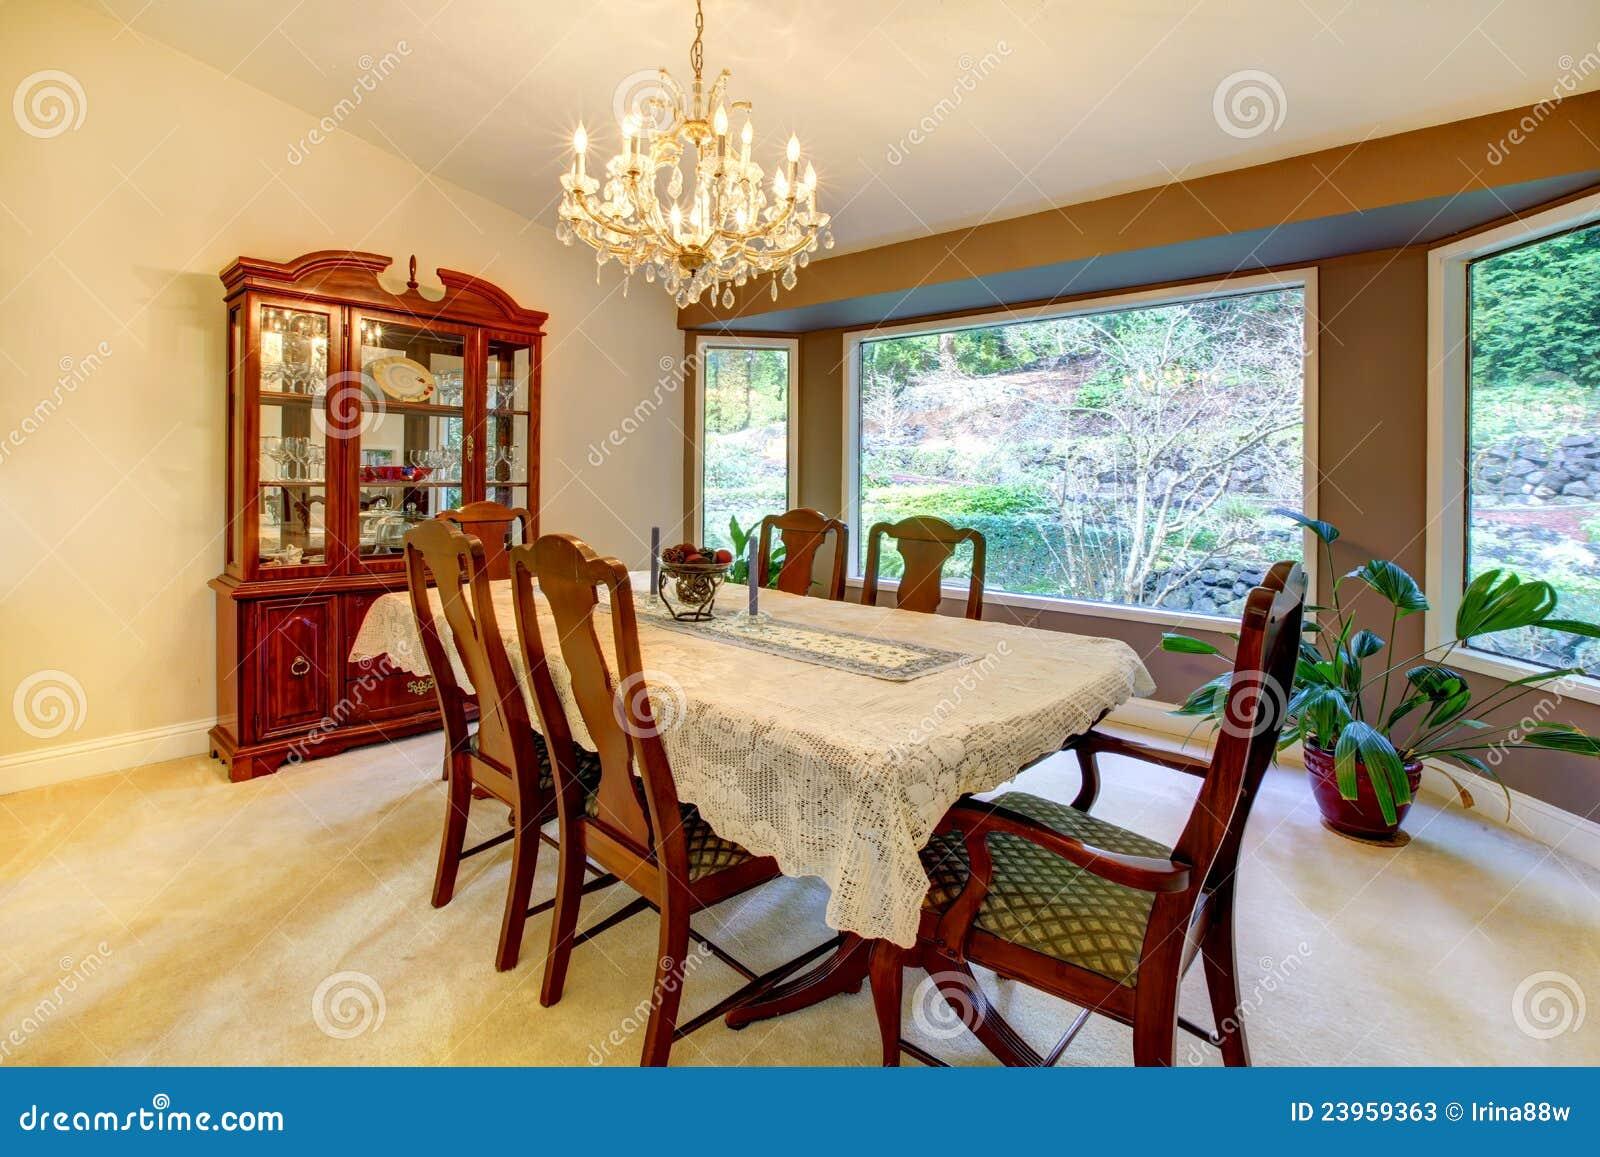 Comedor Con La Ventana Grande En Casa Americana. Imagen de archivo ...